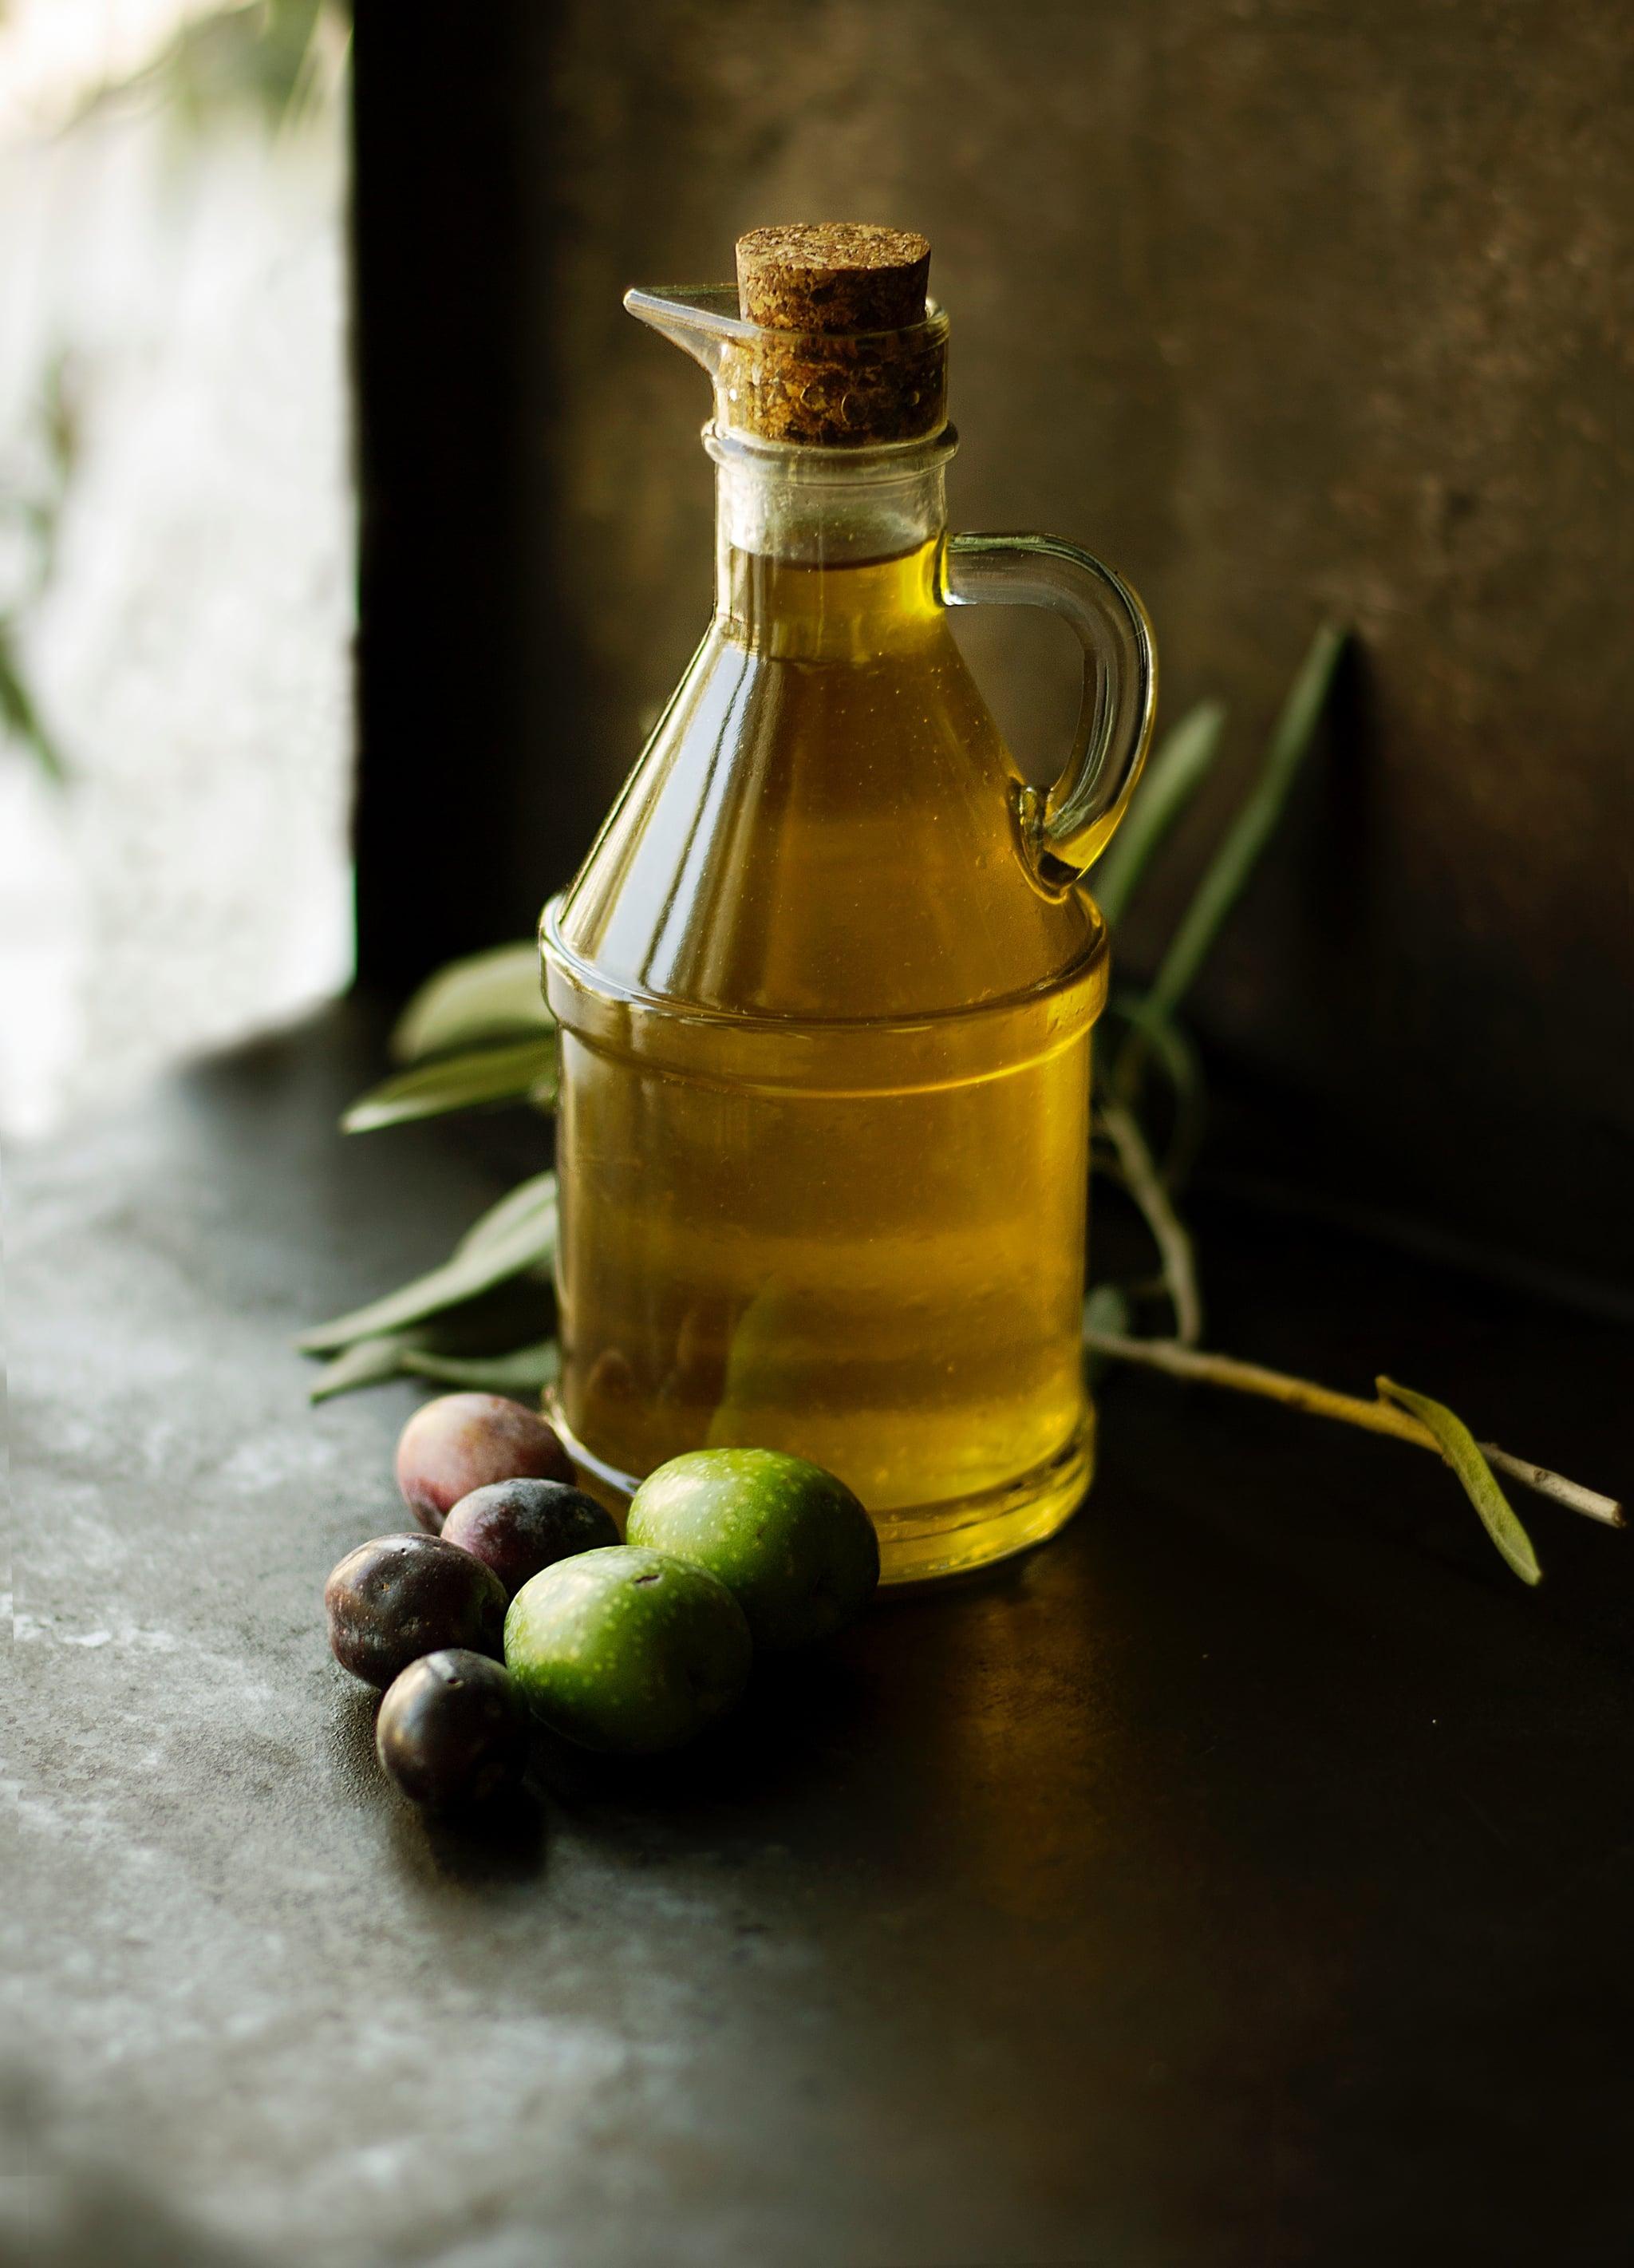 peanut oil on keto diet